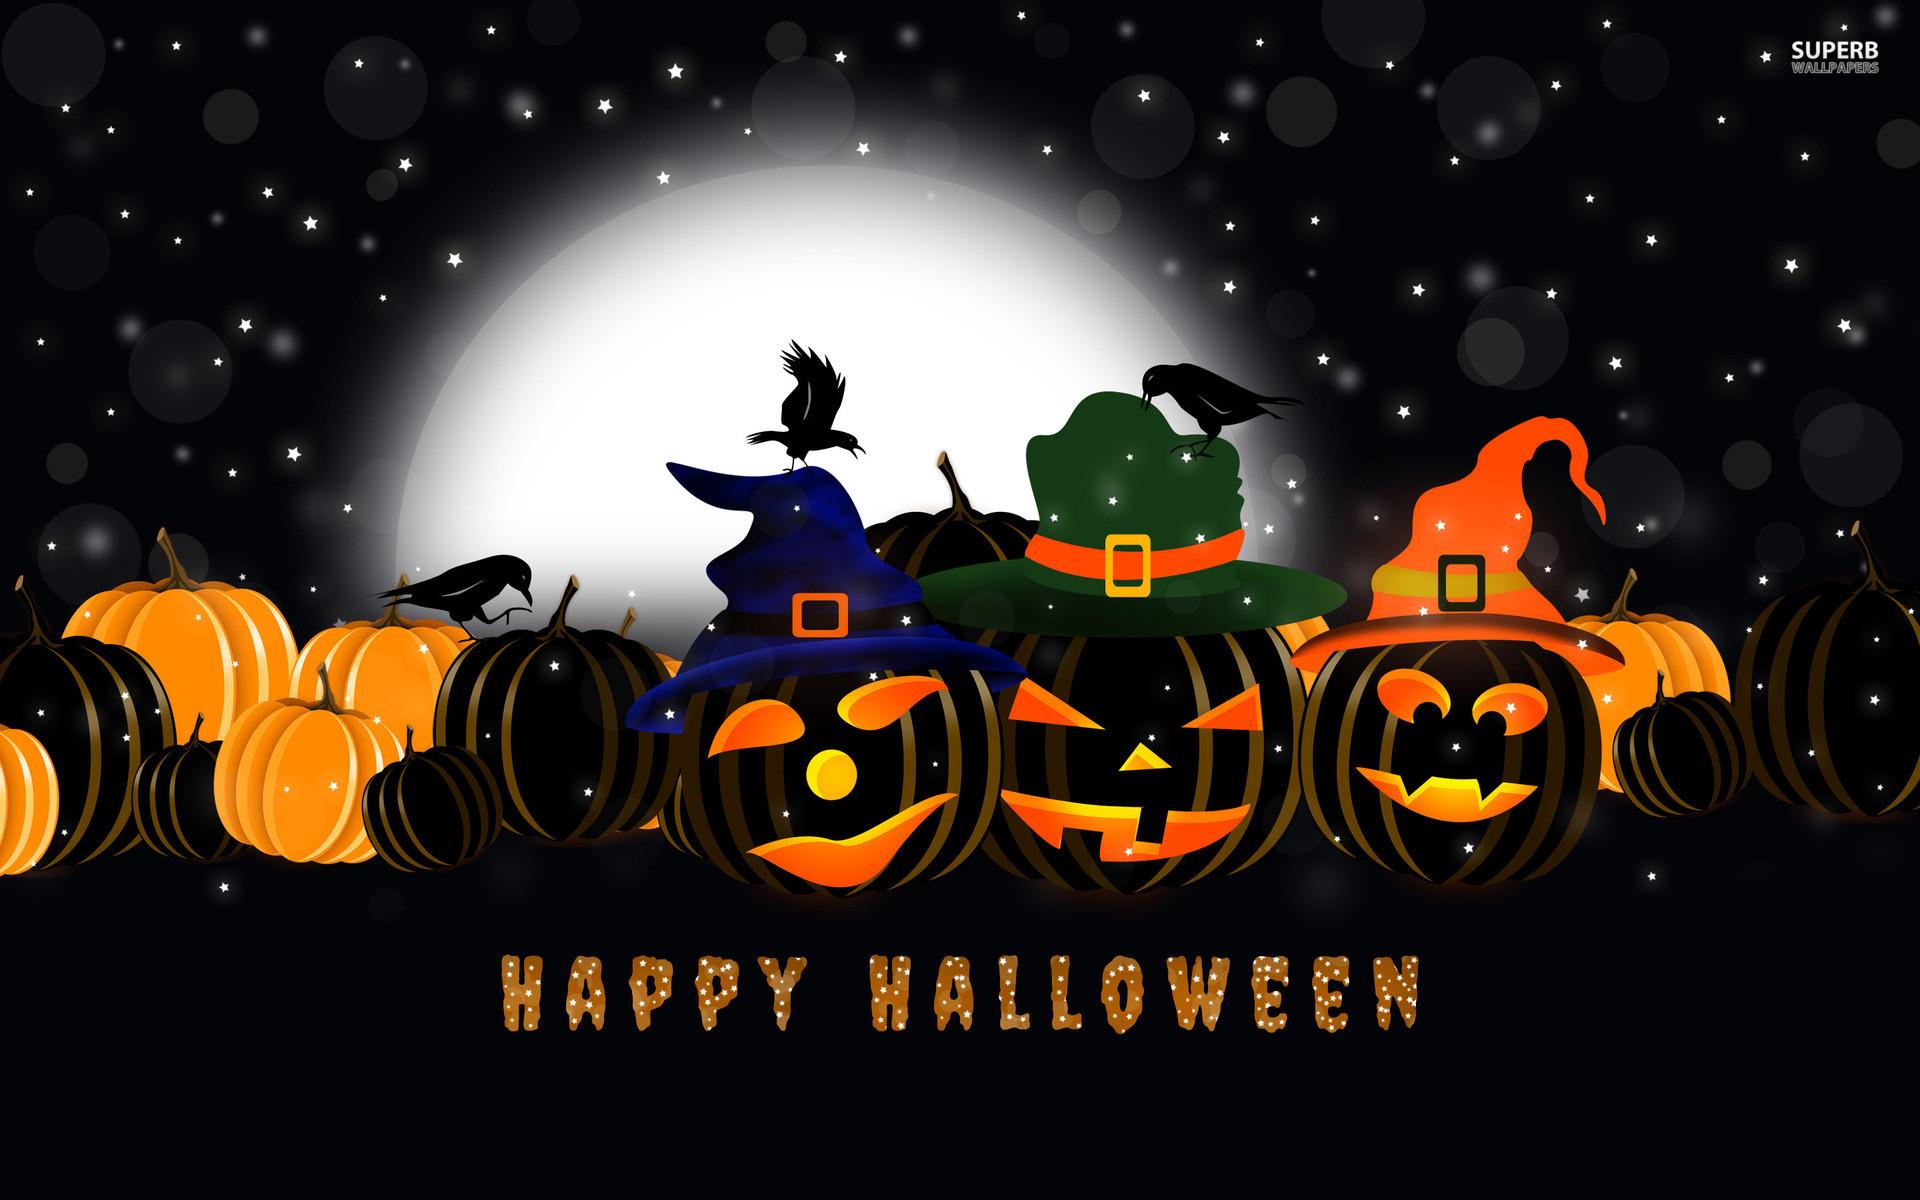 Happy Halloween Wallpaper Free